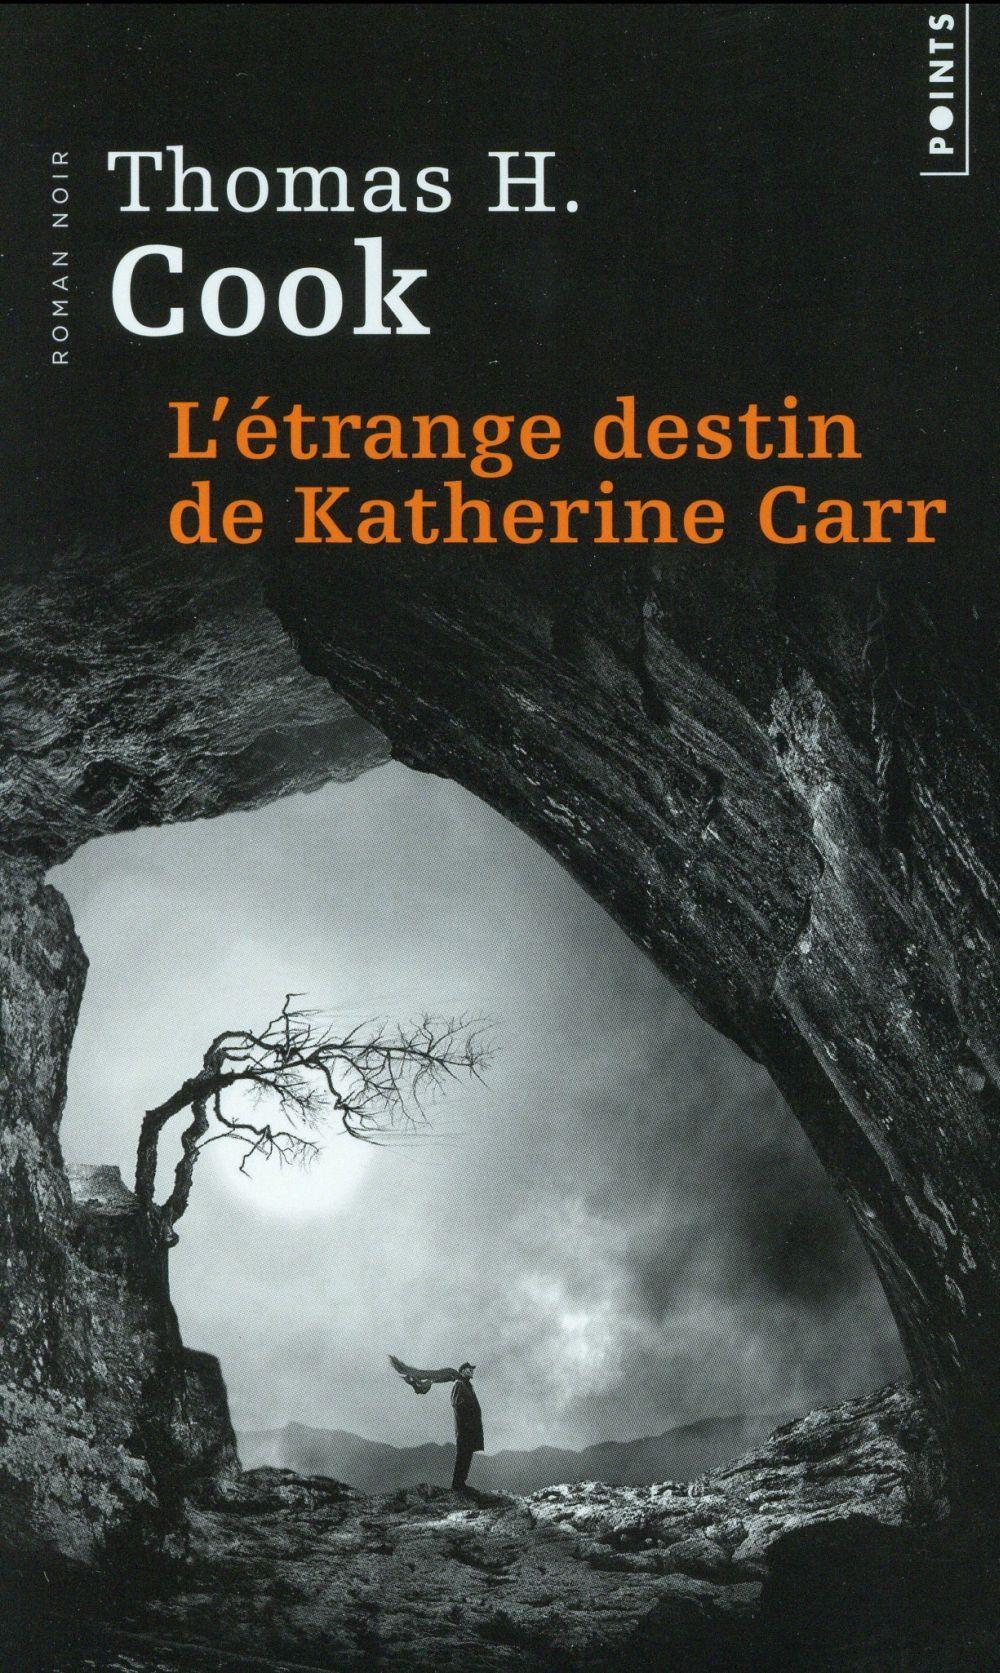 L'ETRANGE DESTIN DE KATHERINE CARR